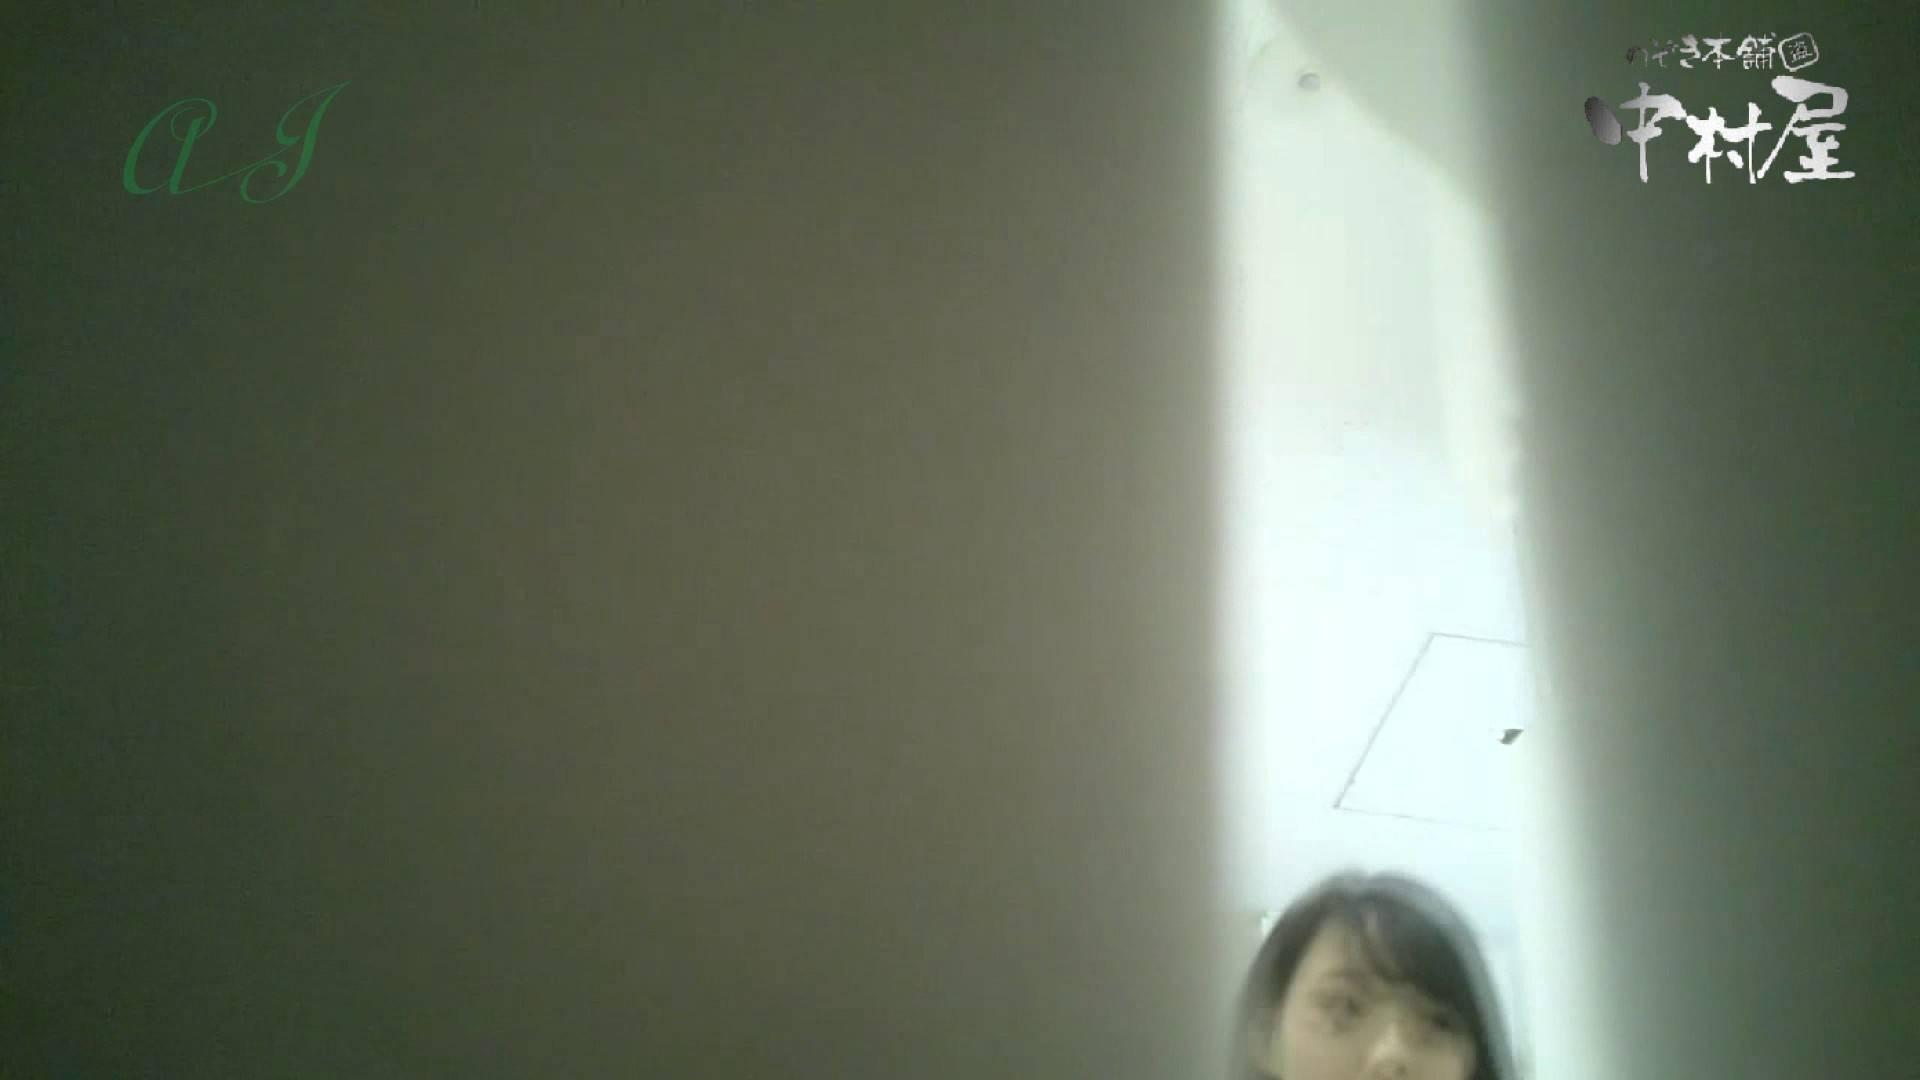 有名大学女性洗面所 vol.60 設置の神です。 潜入シリーズ  105Pix 80